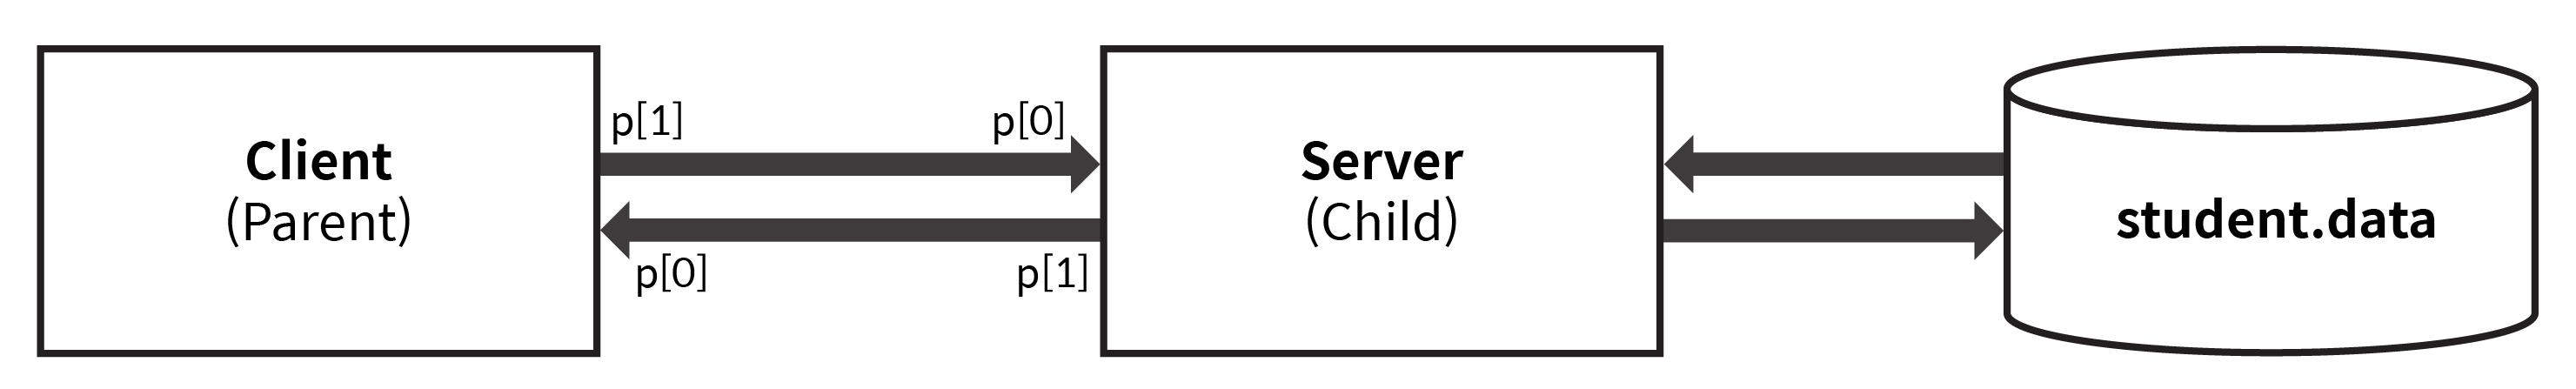 프로그램 구조 도식화. 클라이언트와 서버가 파이프로 통신. 서버는 파일에 접근.